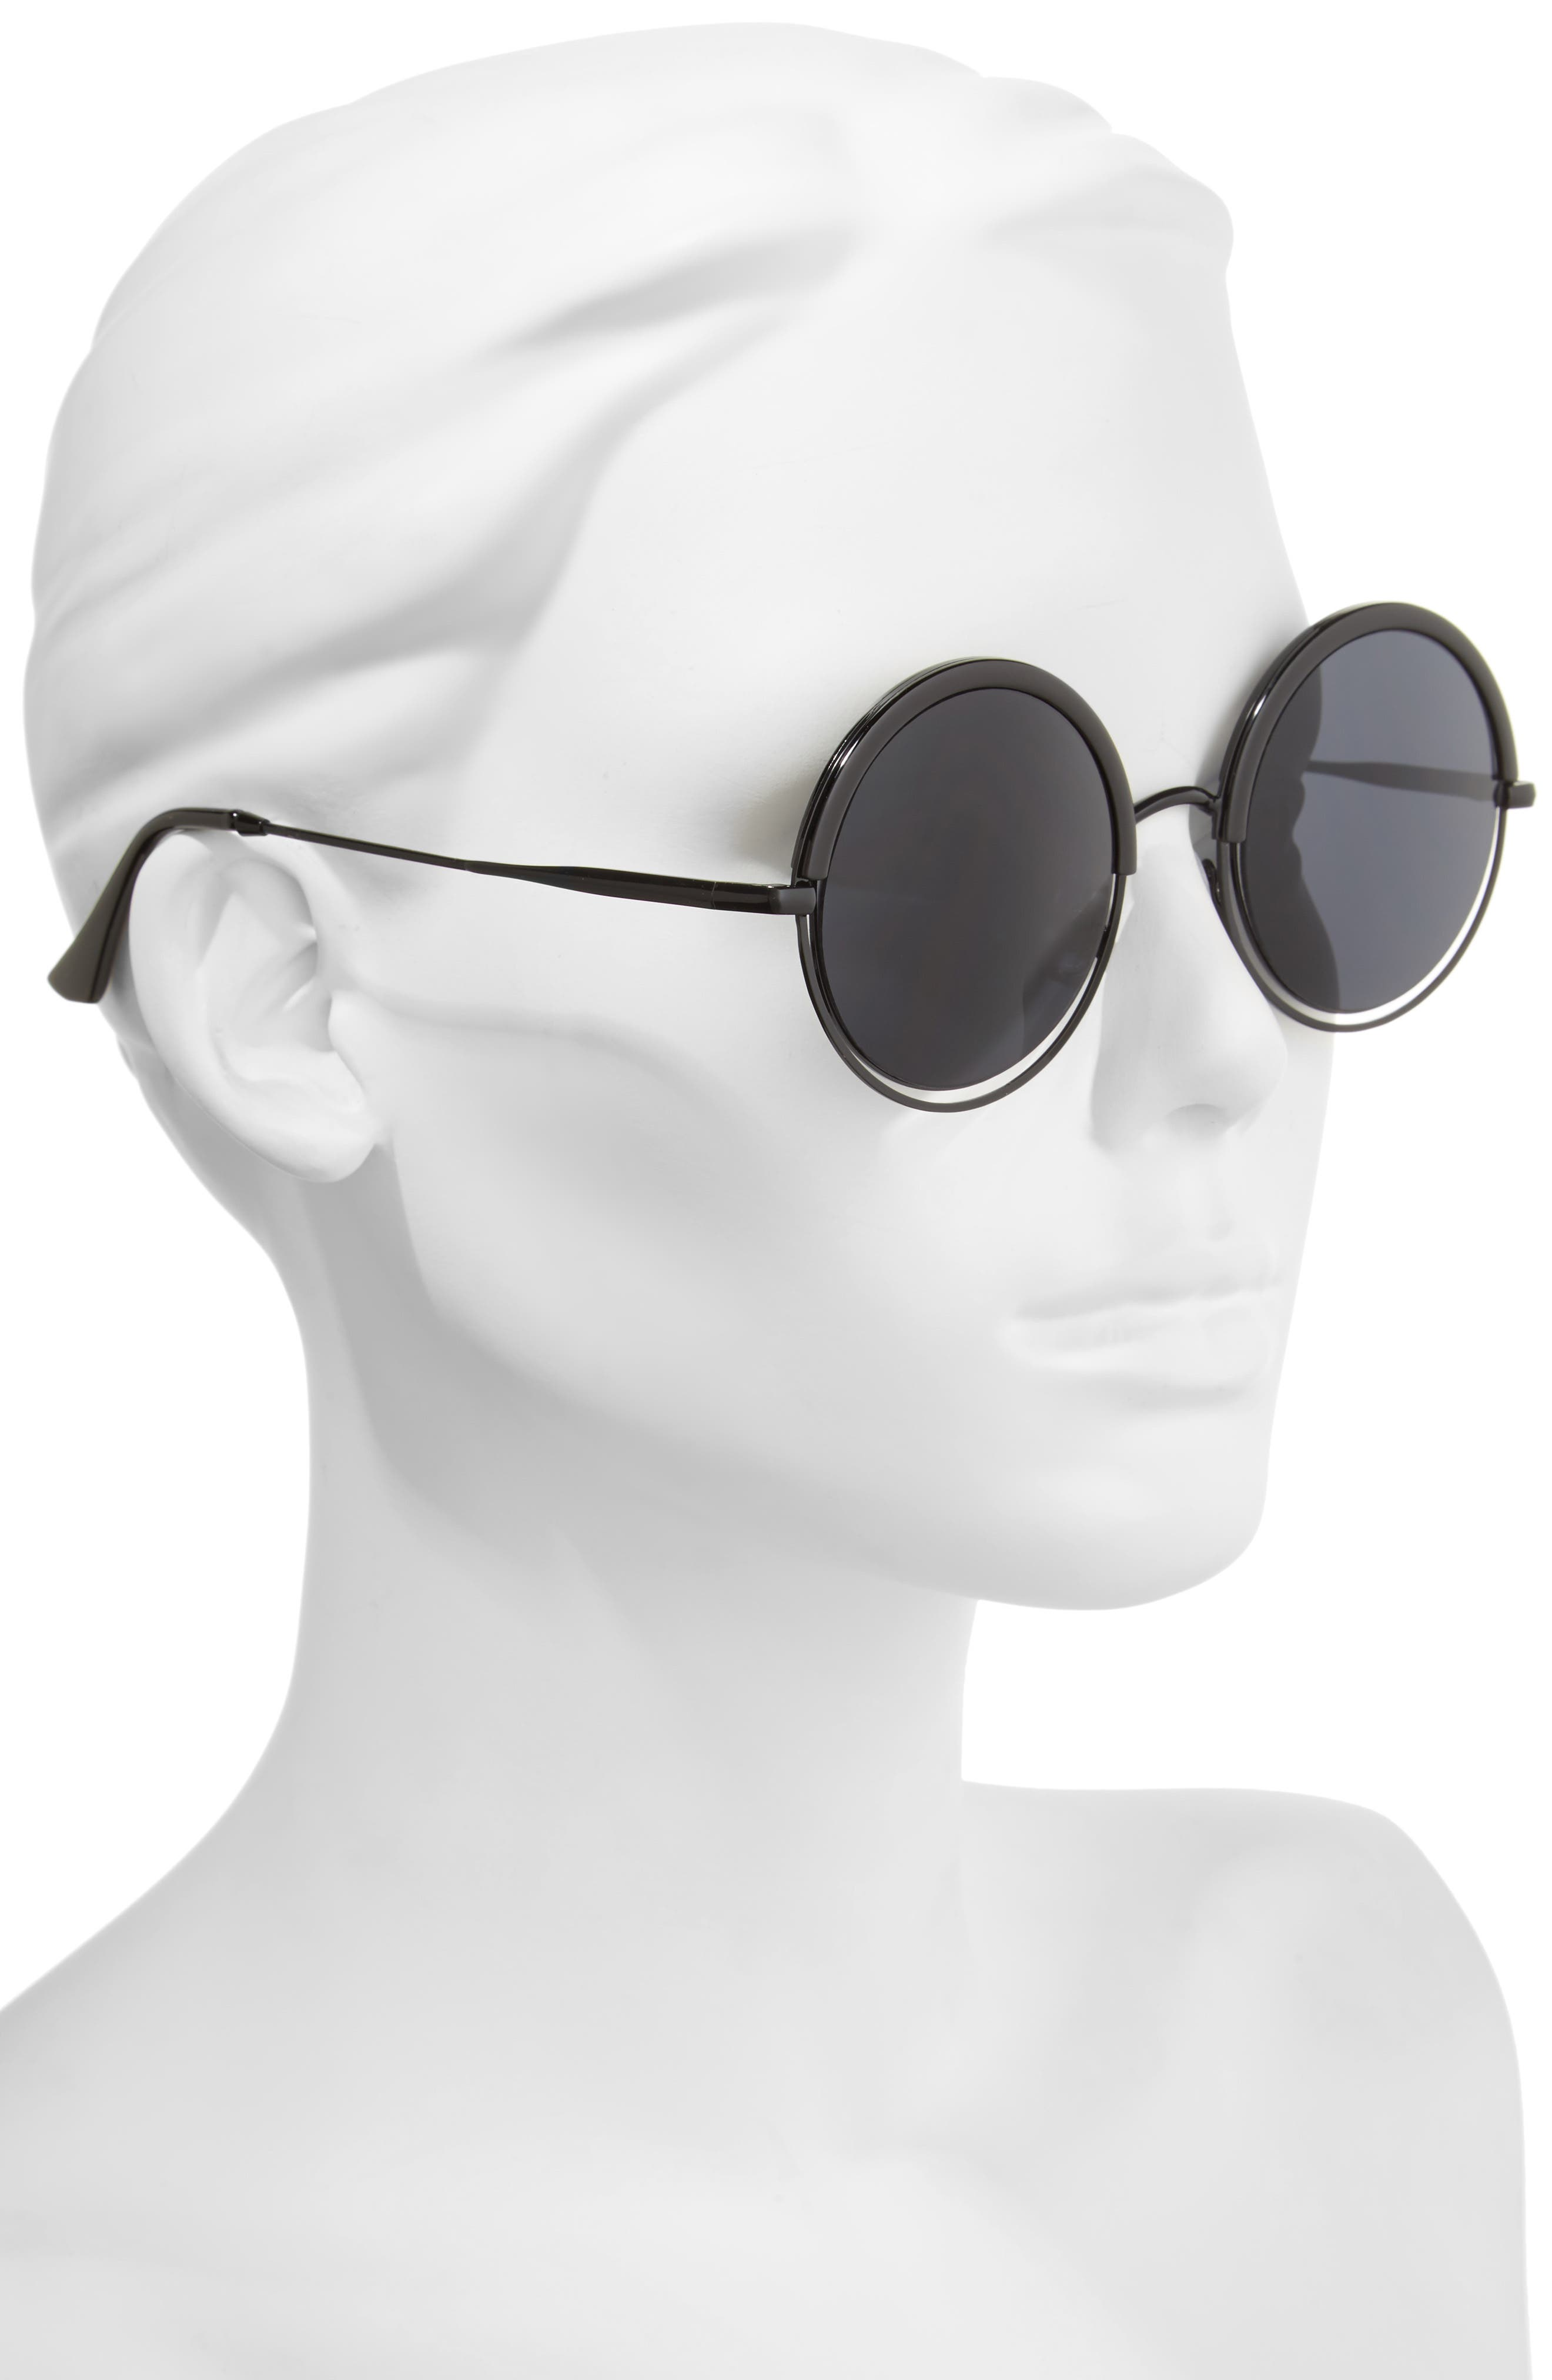 A.J. MORGAN,                             Pancakes 52mm Gradient Lens Round Sunglasses,                             Alternate thumbnail 2, color,                             001